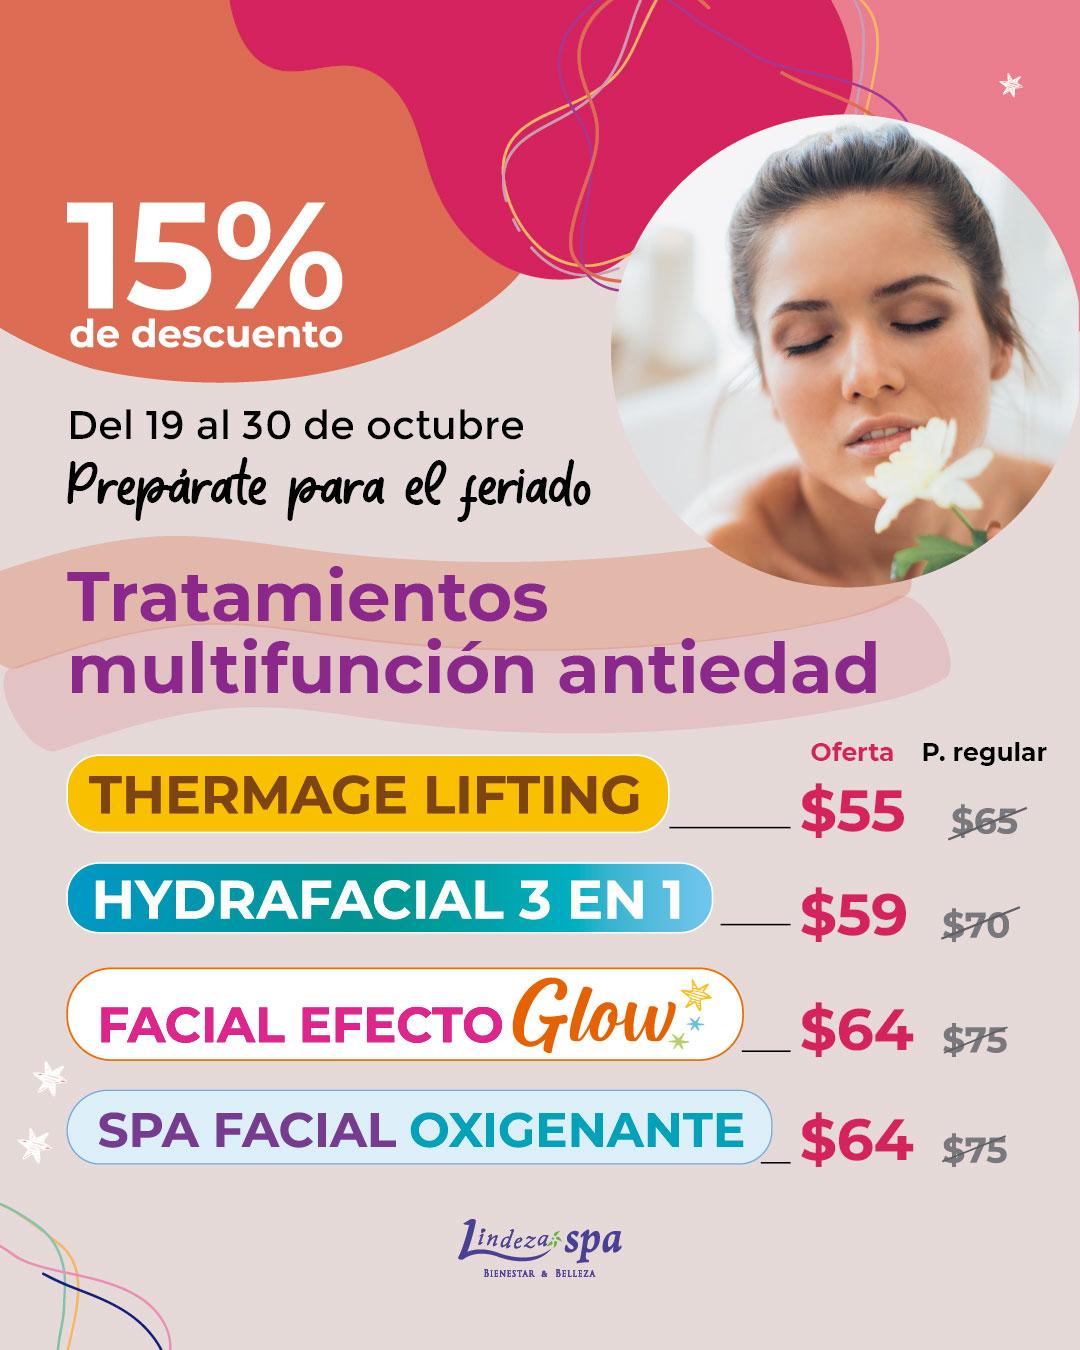 Tratamiento antiedad, rejuvenecimiento sin agujas, spa en Guayaquil, skincare, radiofrecuencia Thermage Lifting sin agujas